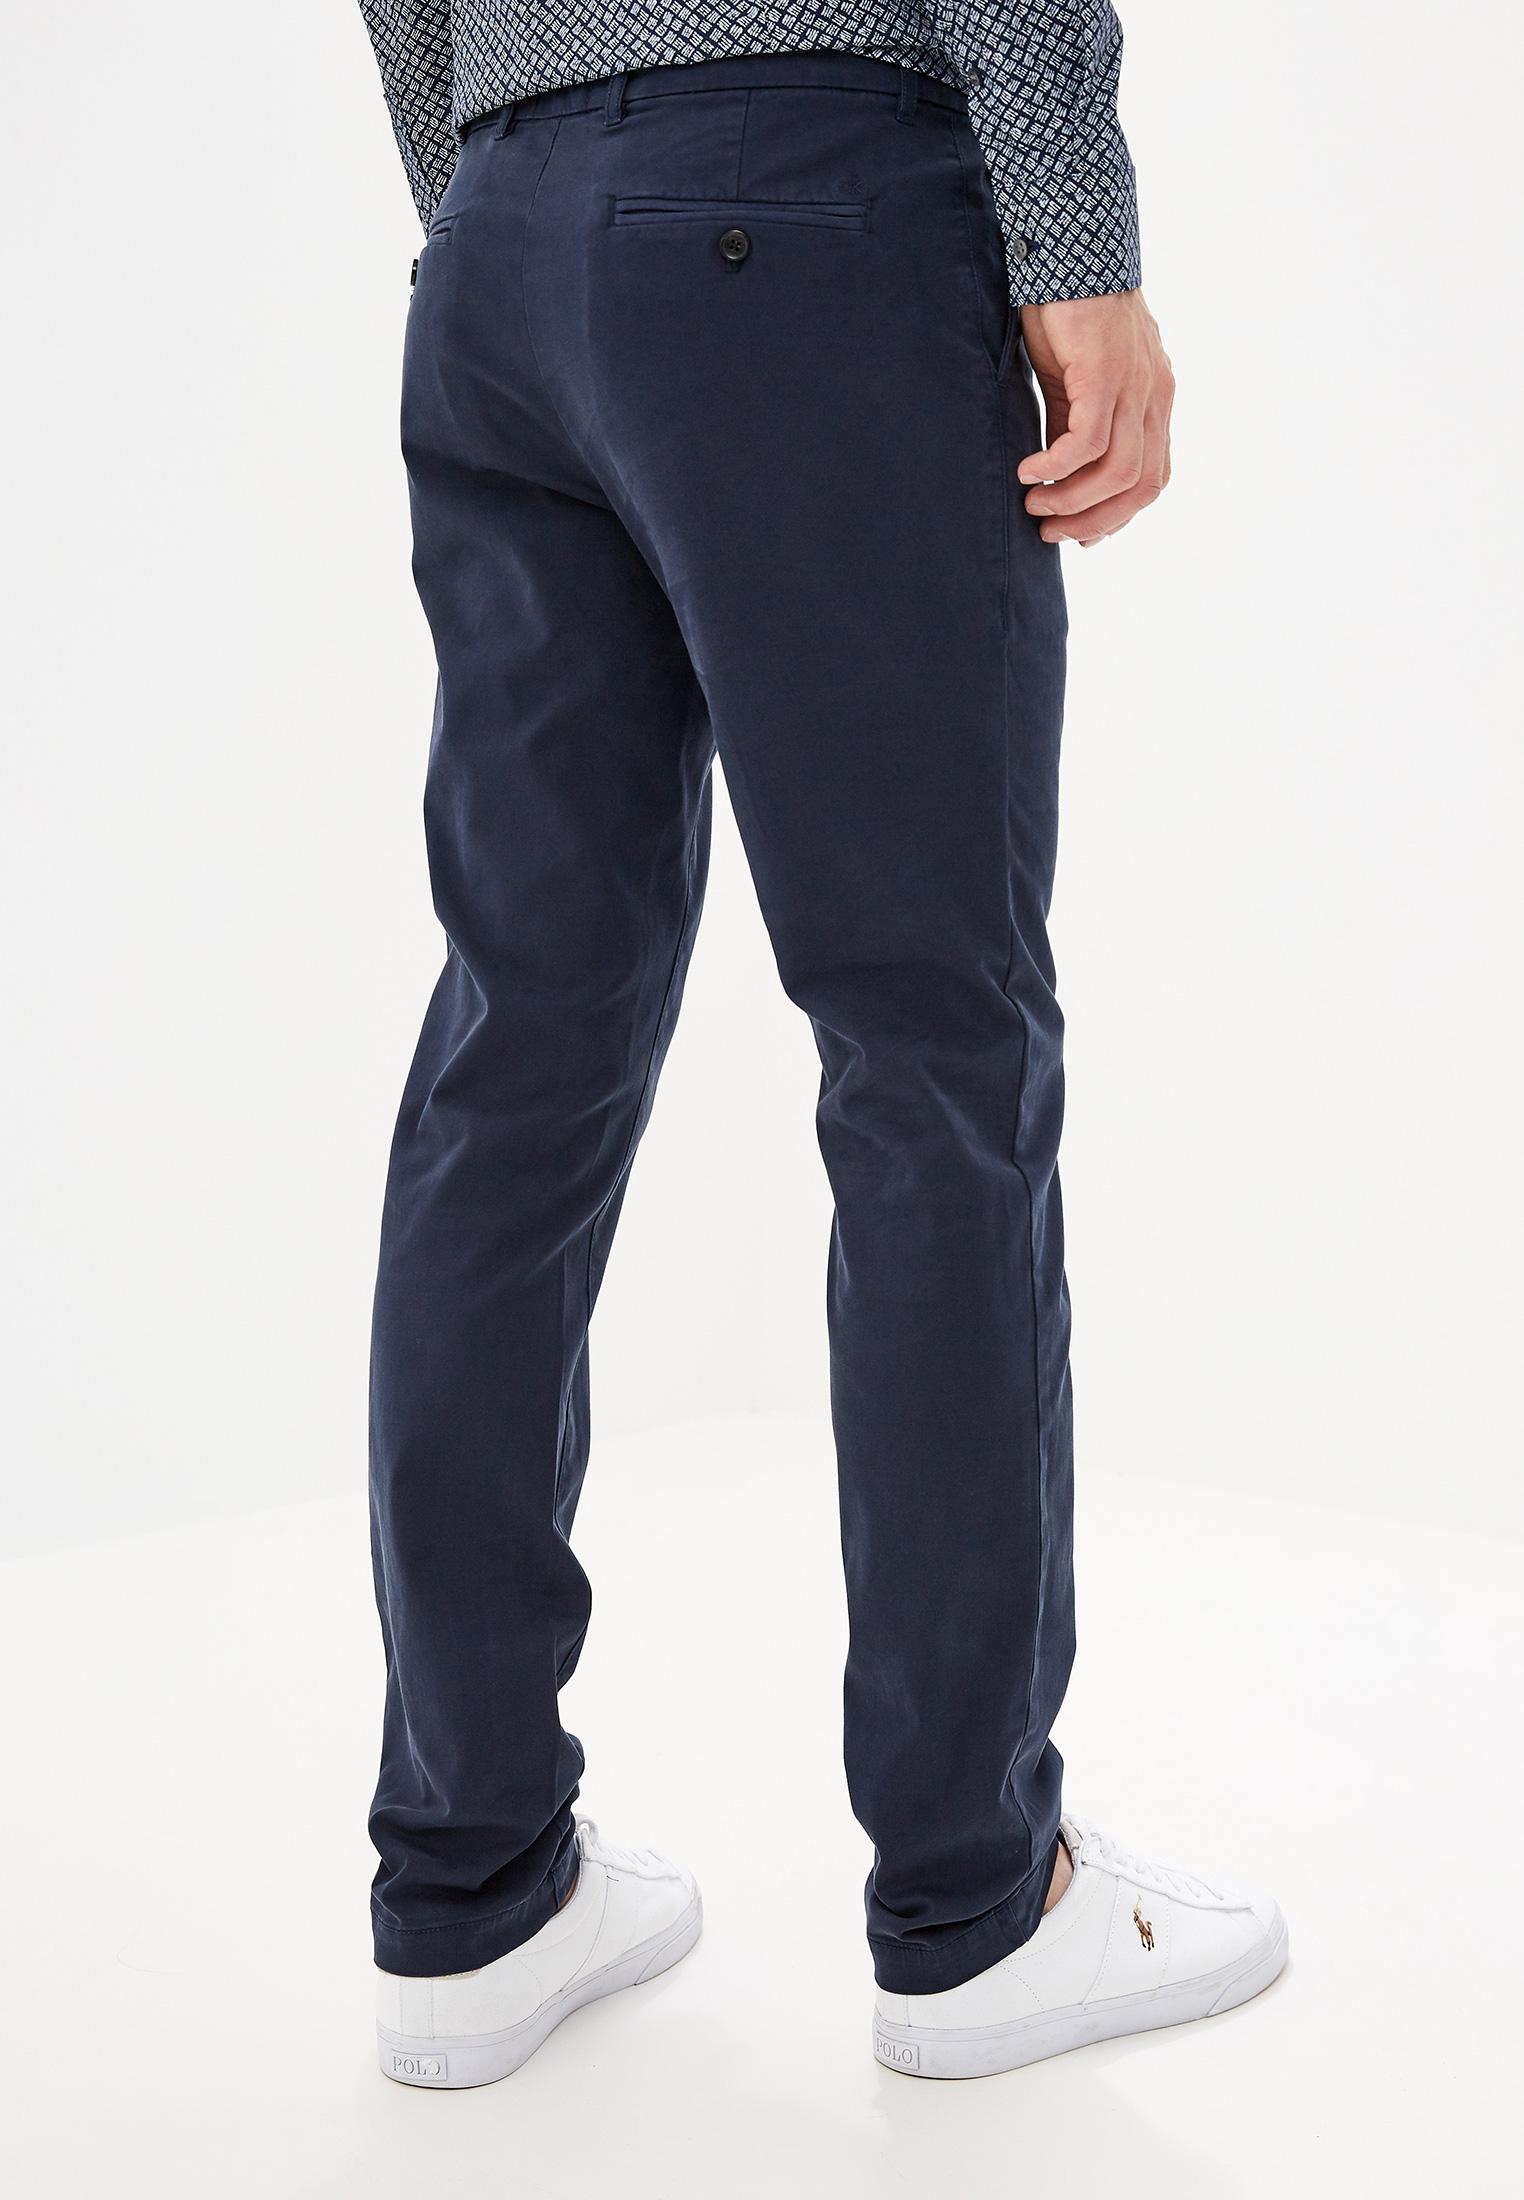 Мужские повседневные брюки Calvin Klein (Кельвин Кляйн) k10k104039: изображение 3